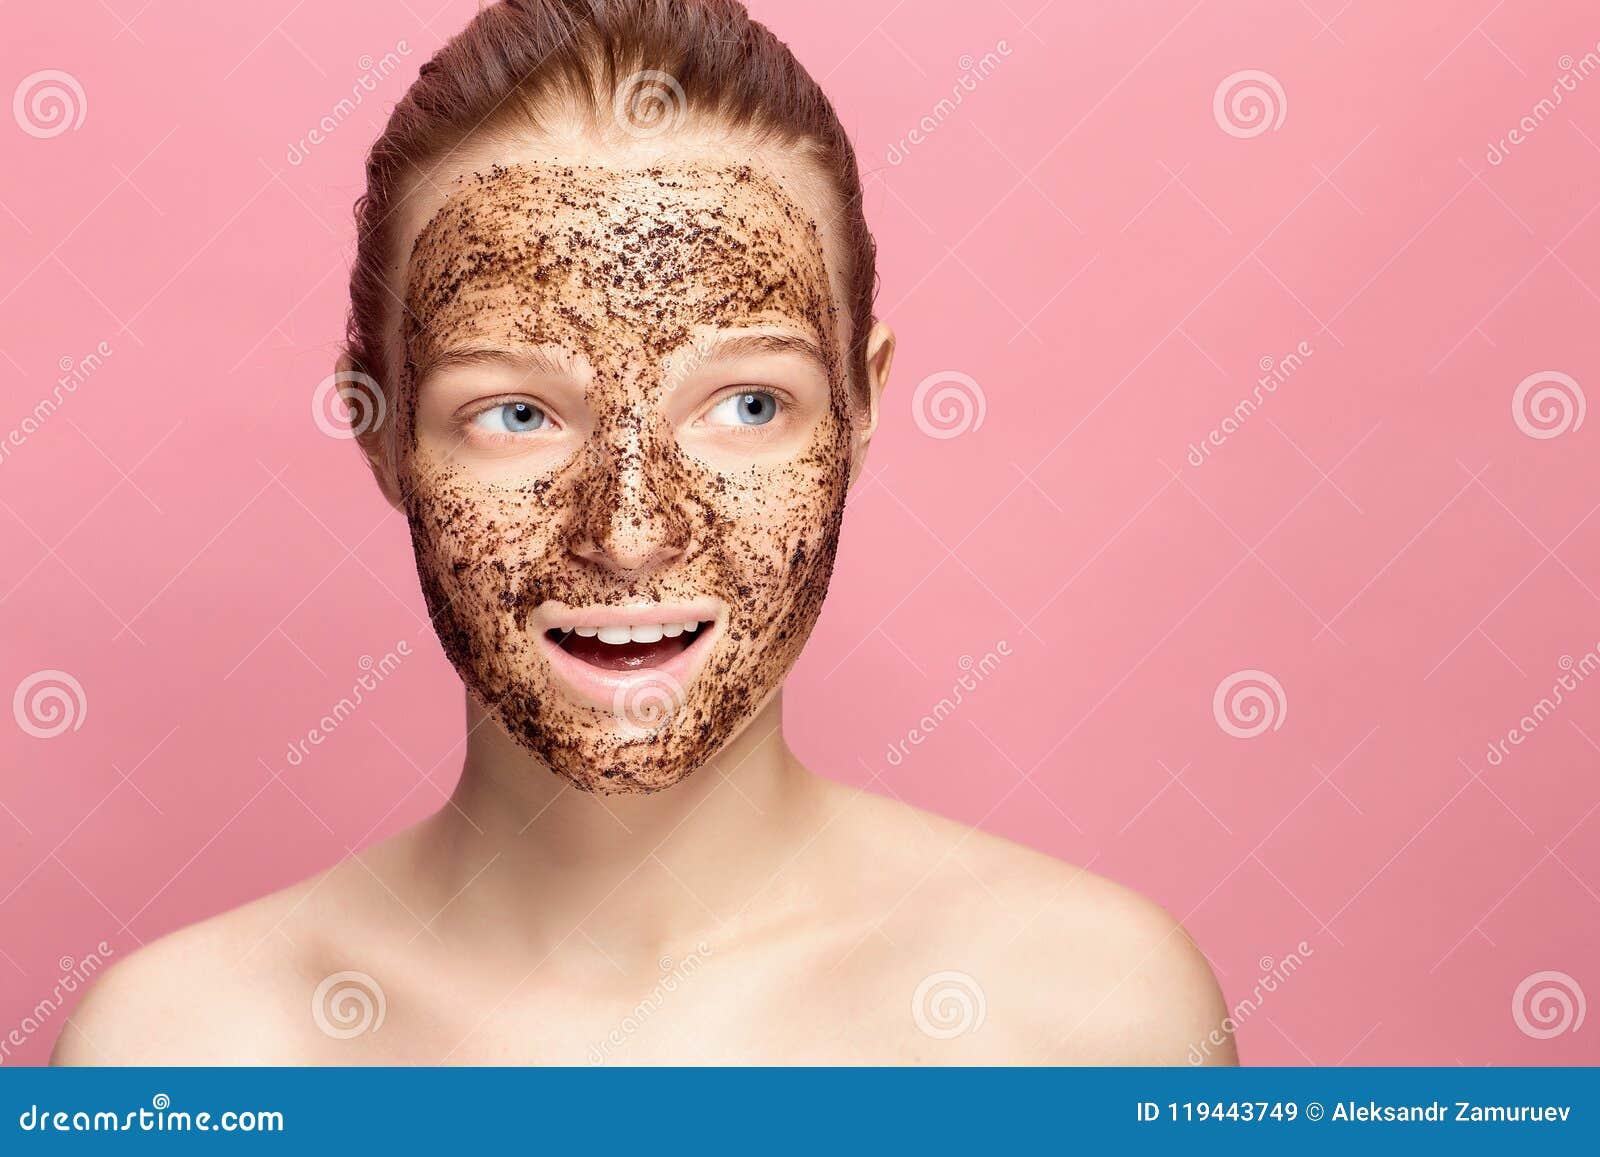 Twarzy skóry pętaczka Portret Seksownej Uśmiechniętej kobiety kawy Wzorcowa Stosuje Naturalna maska, twarzy pętaczka Na Twarzowej